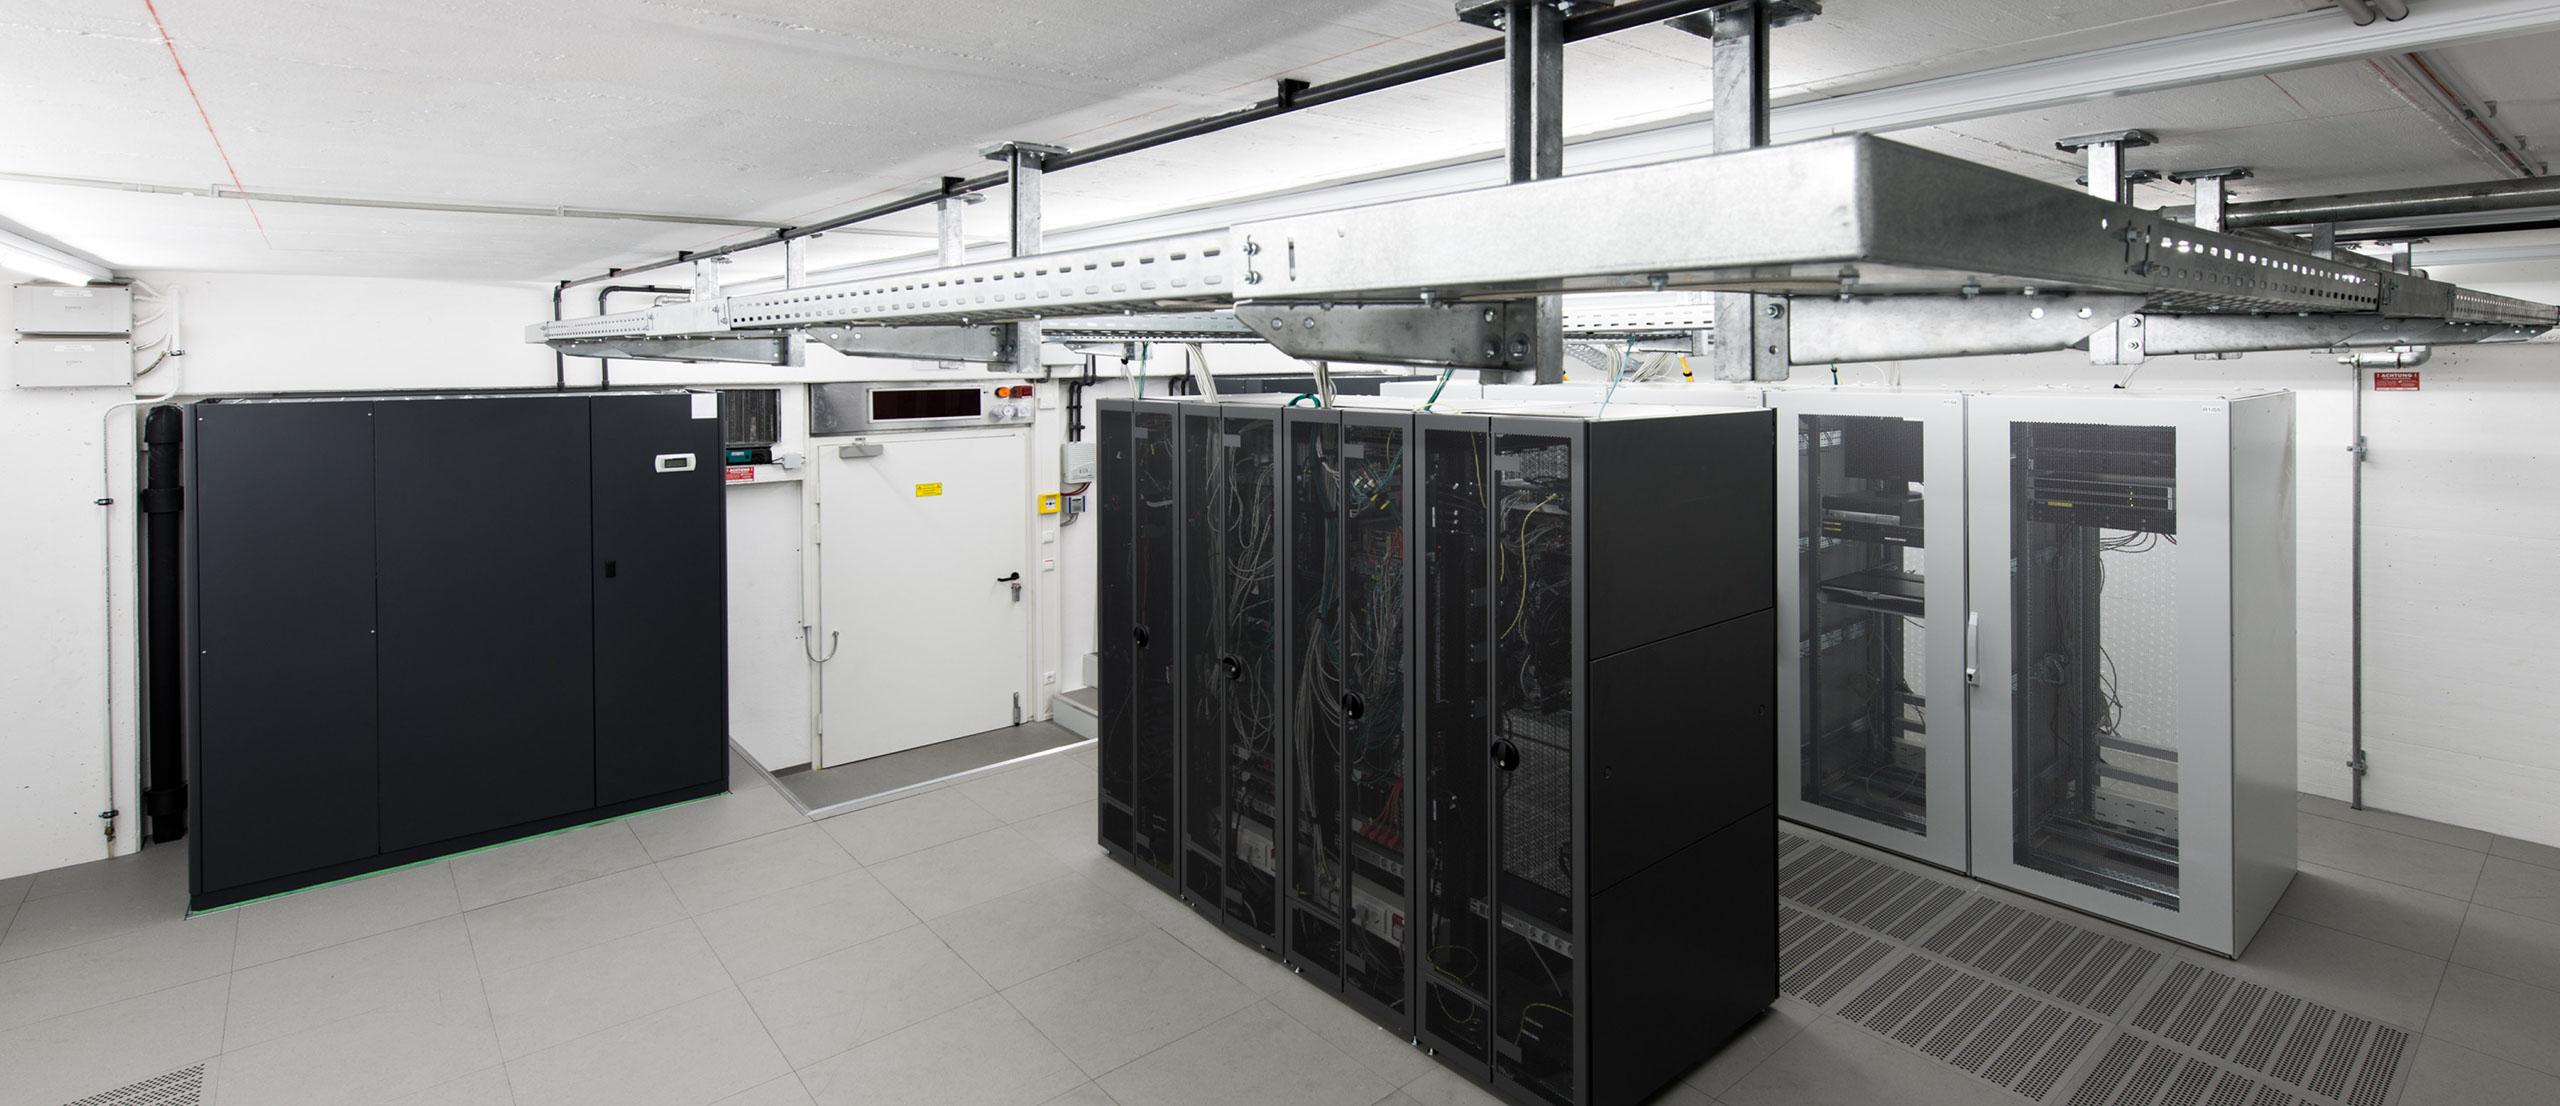 Serverraum - Elmoba Kabelverlegung GmbH in Marl und Chur